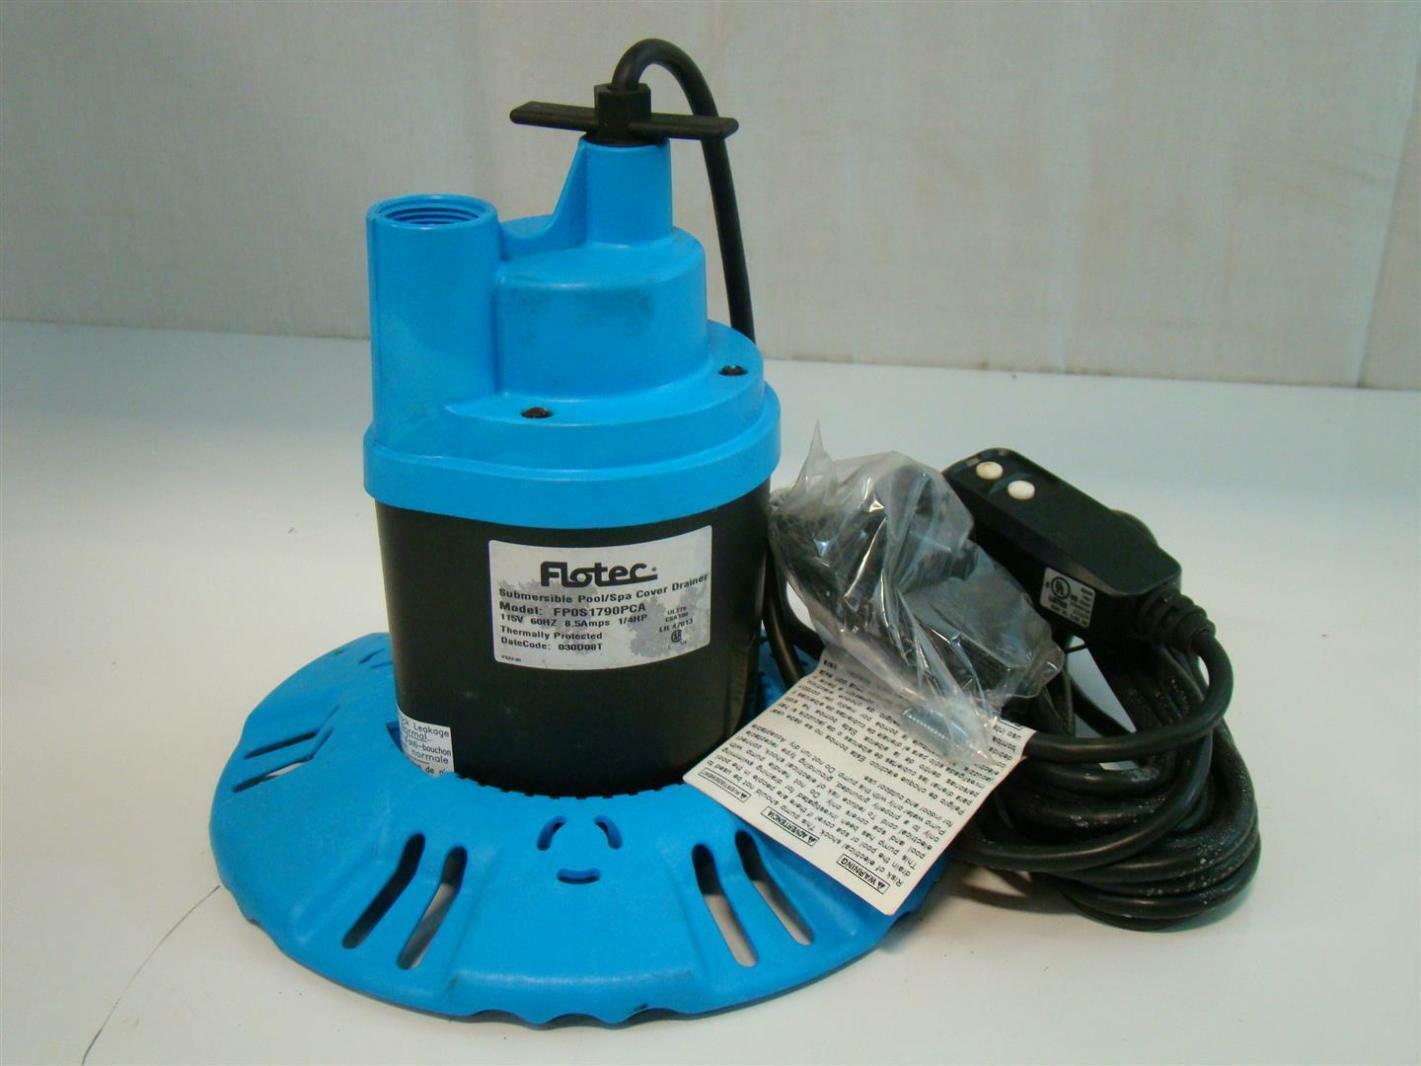 flotec submersible poolspa cover pump 115v 85amps 14hp 25u0027 fp0s1790pca - Flotec Sump Pump